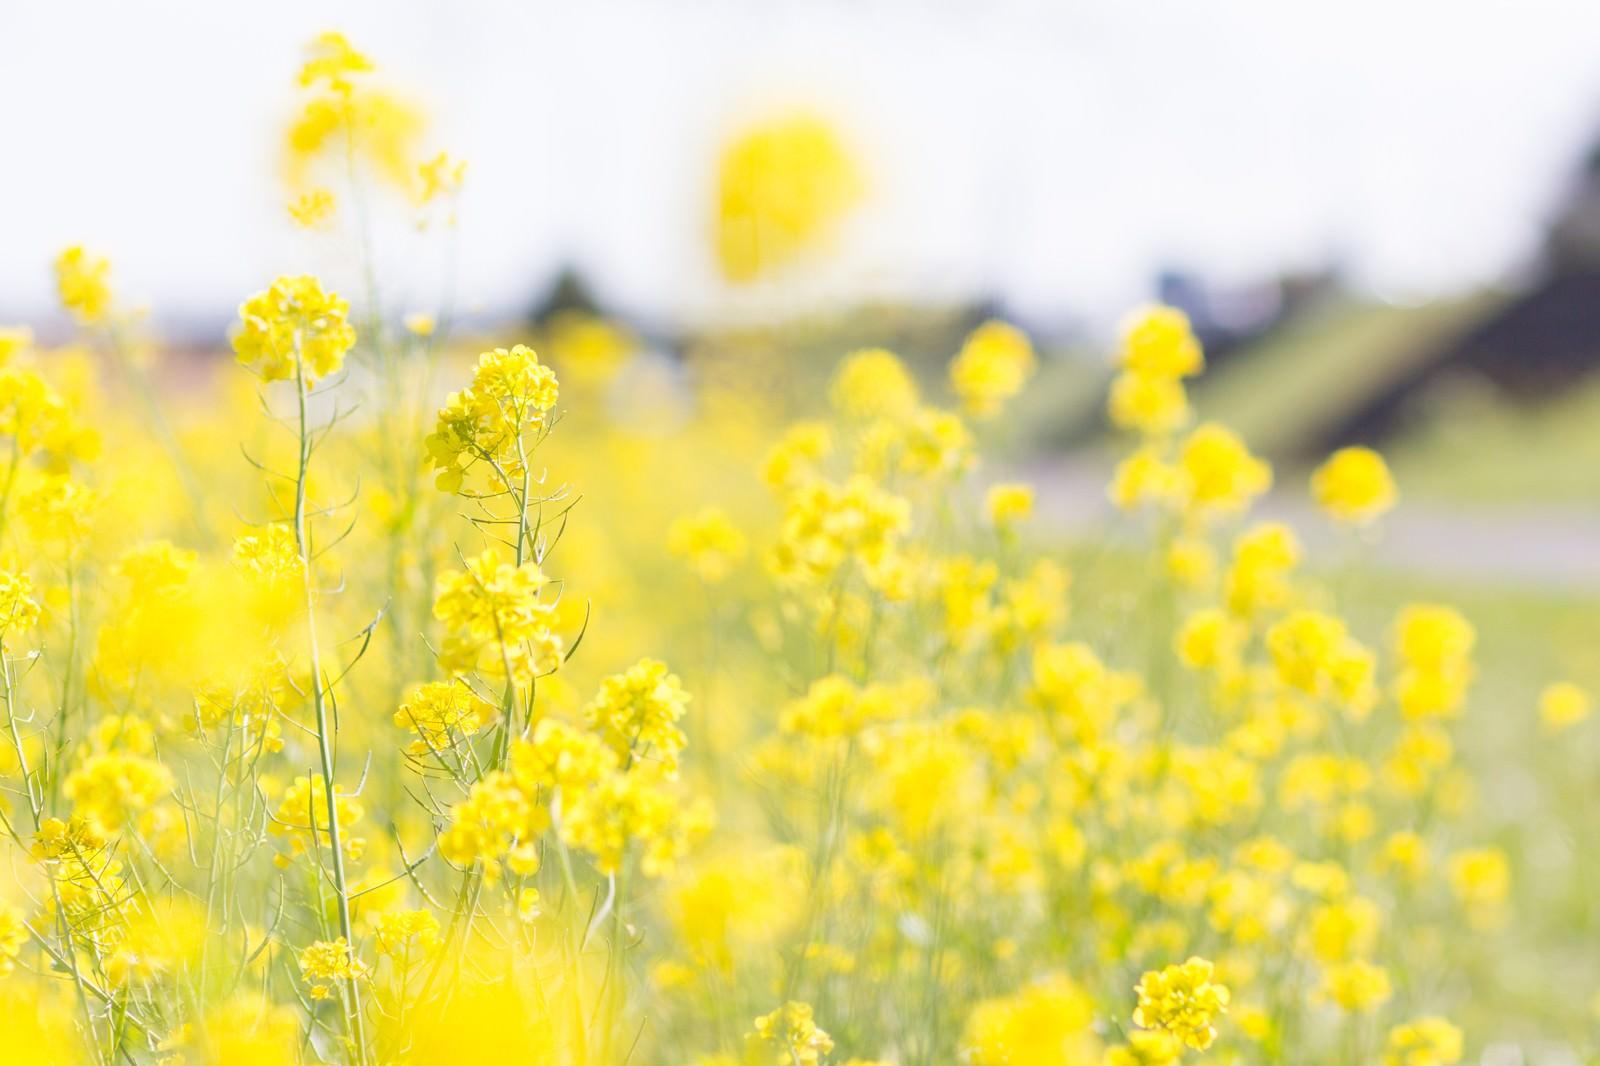 菜の花の季節のフリー画像(写真)